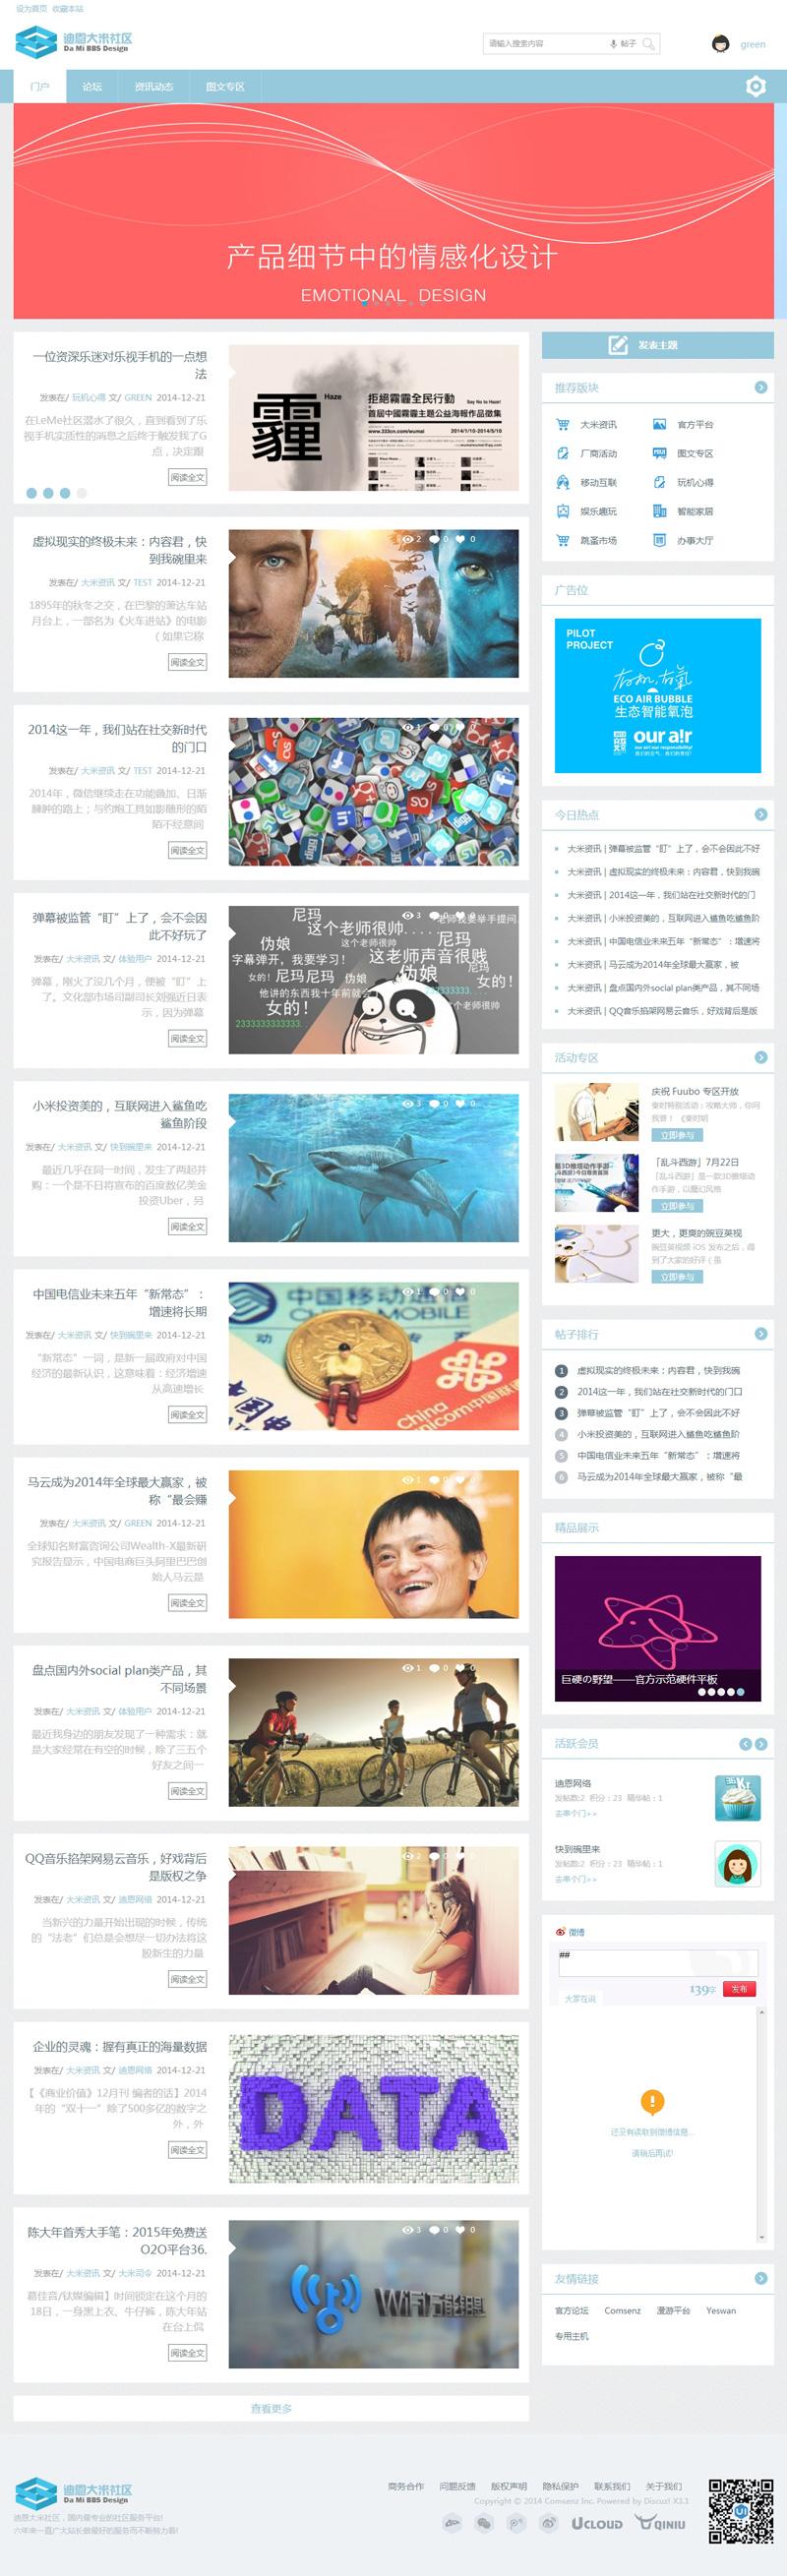 【免费下载】discuz模板:迪恩大米社区风格 商业版(GBK)